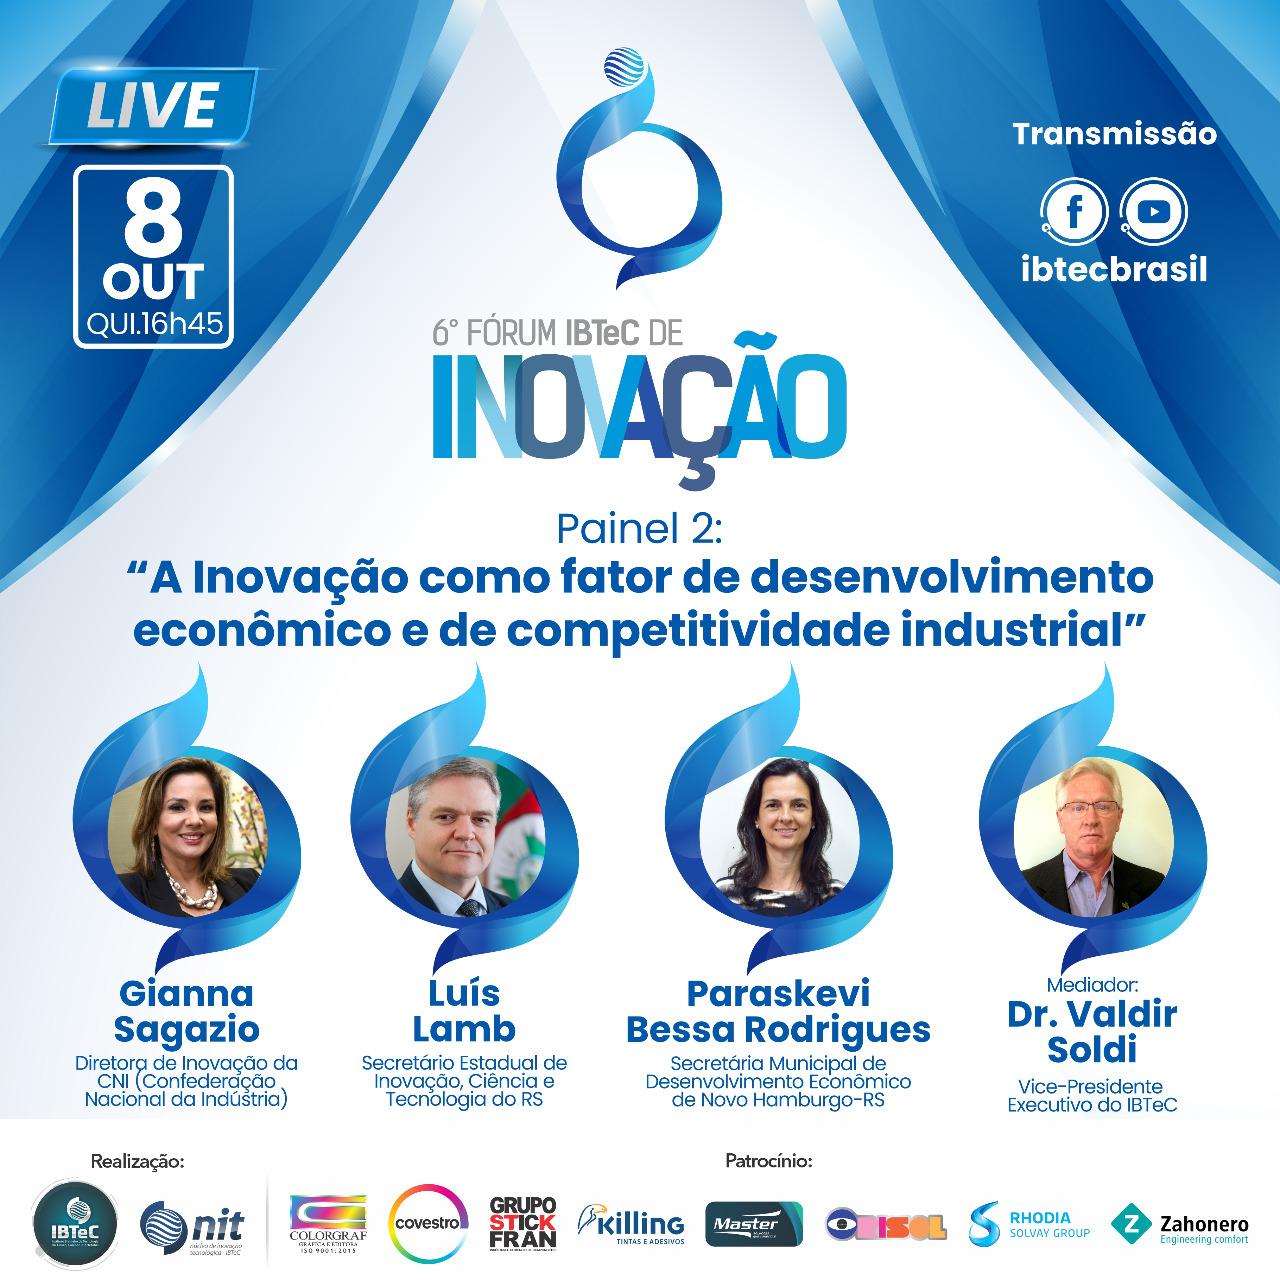 A Inovação como fator de desenvolvimento econômico e de competitividade industrial